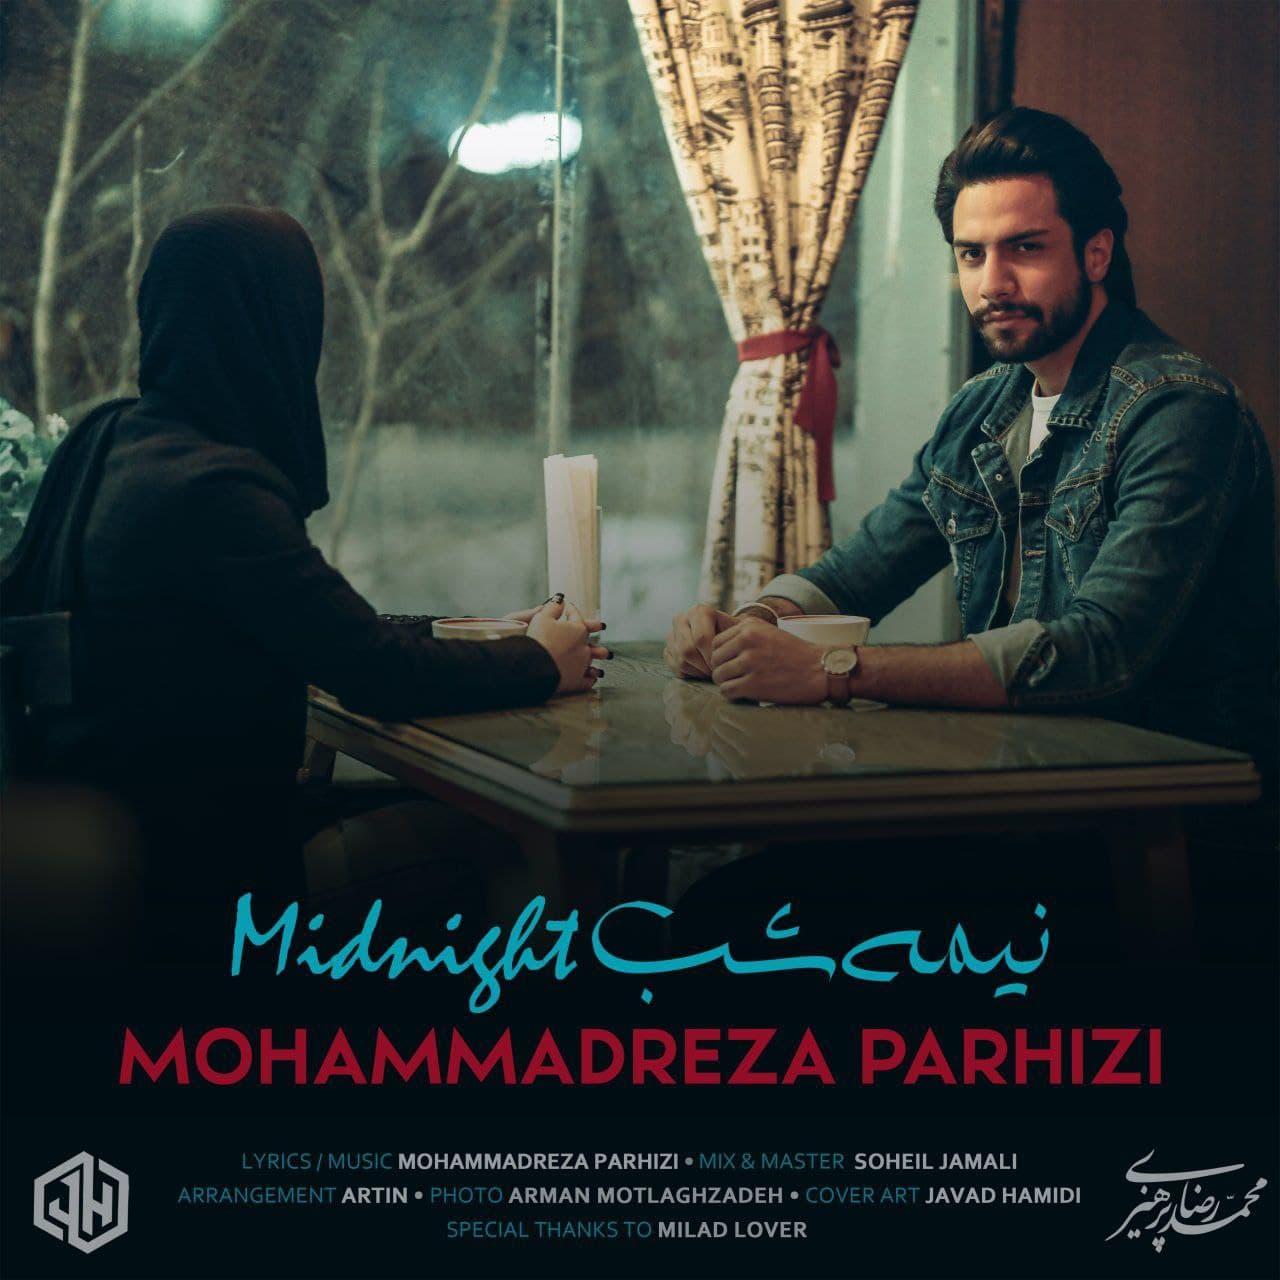 دانلود موزیک جدید محمدرضا پرهیزی نیمه شب